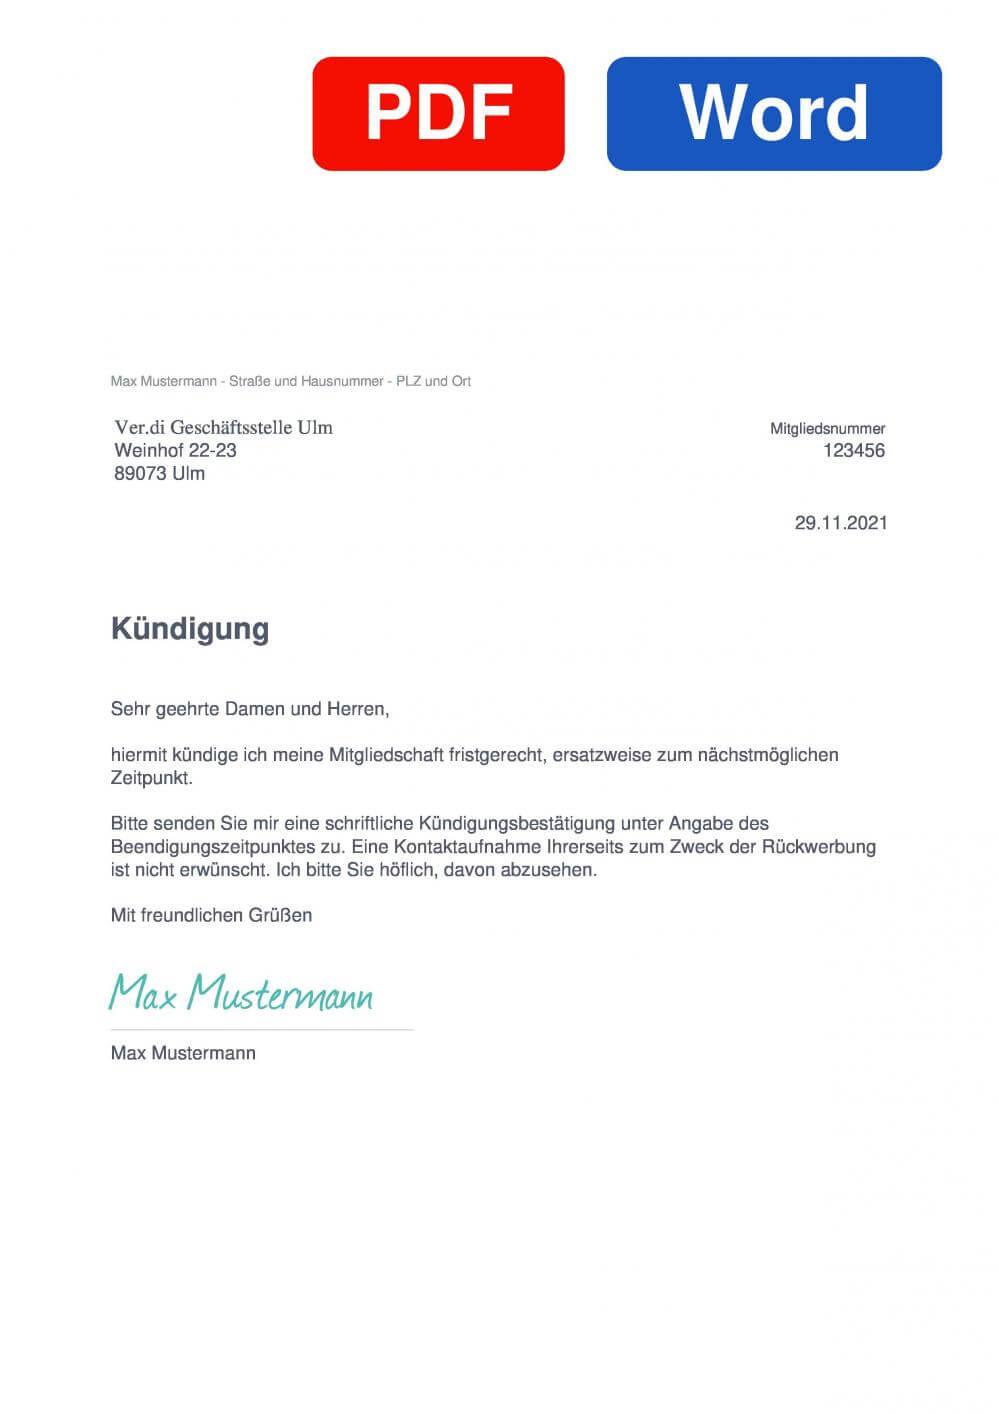 Verdi Ulm Muster Vorlage für Kündigungsschreiben